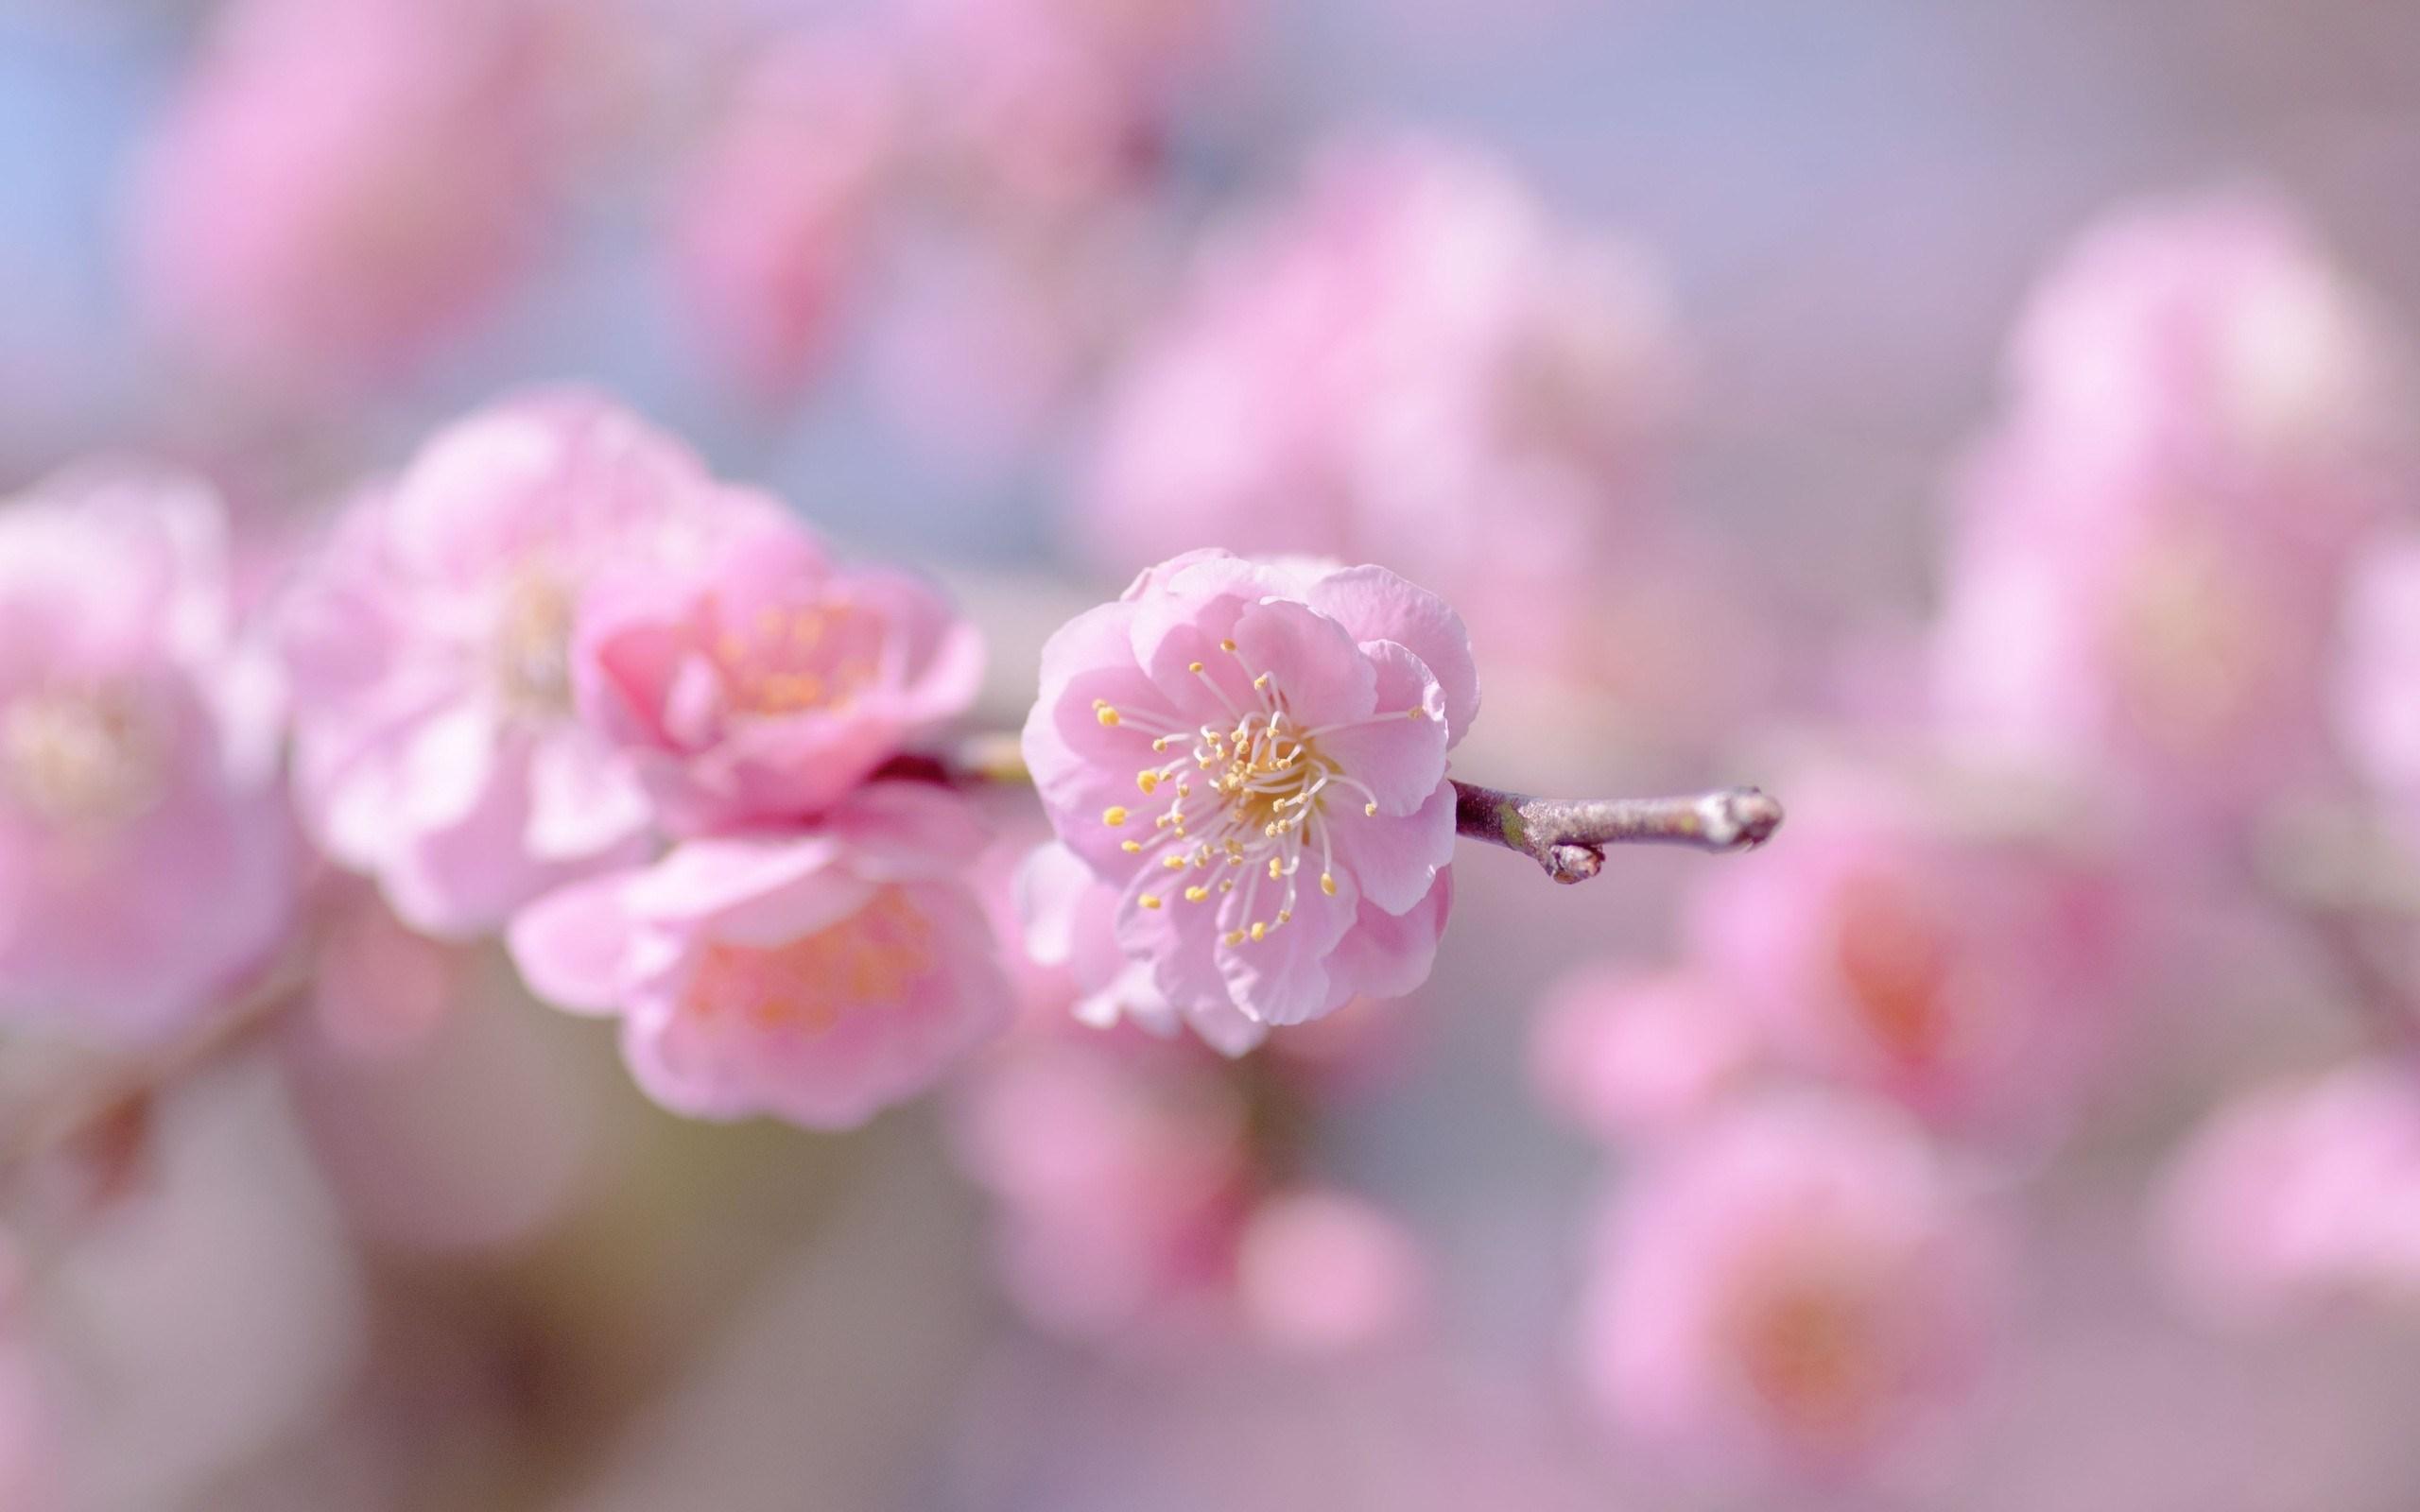 цветение весна розовые цветы бесплатно